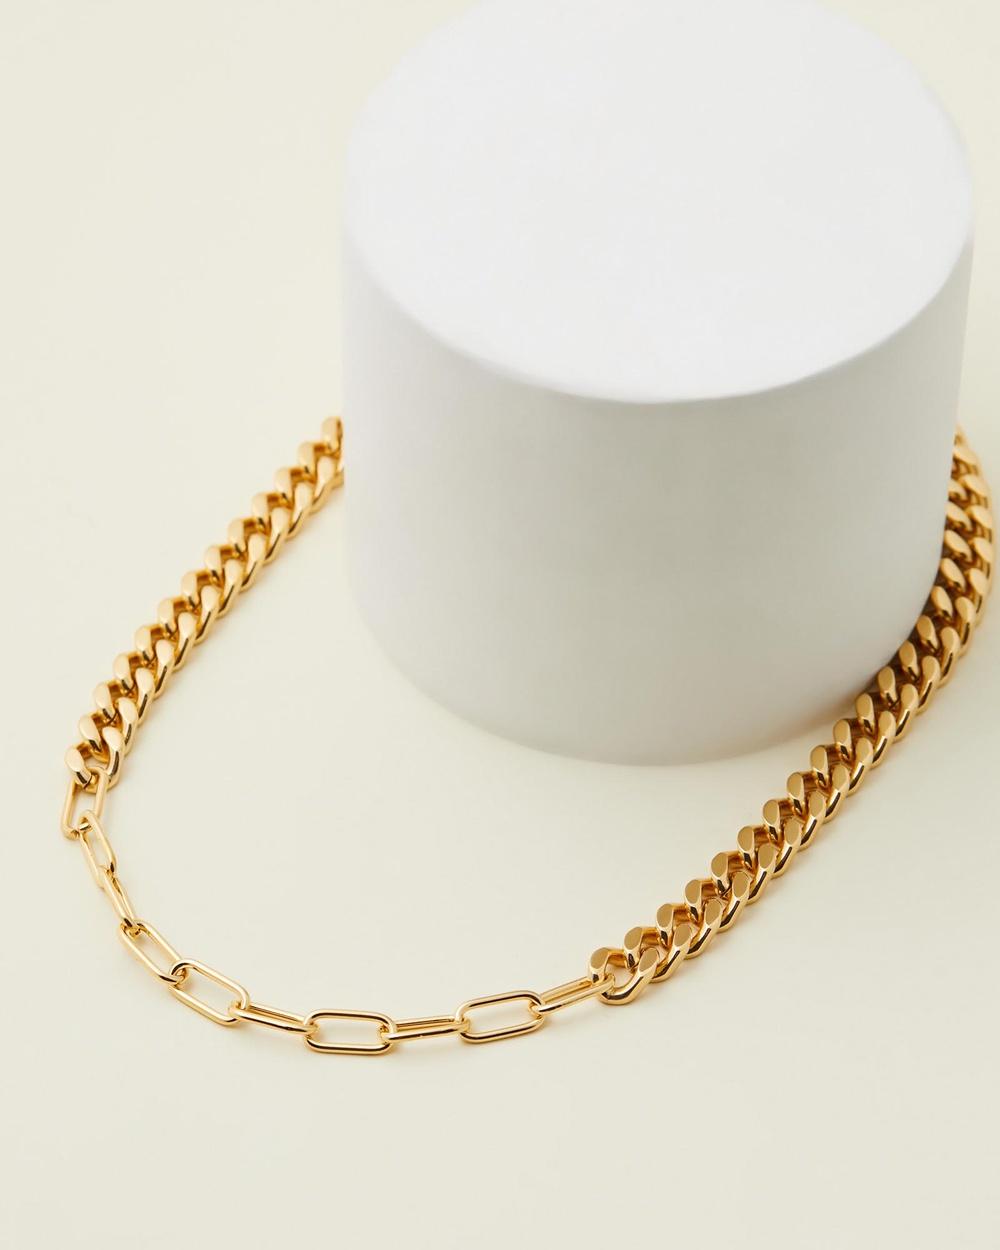 Jackie Mack Arden Choker Necklace Jewellery 18k Gold